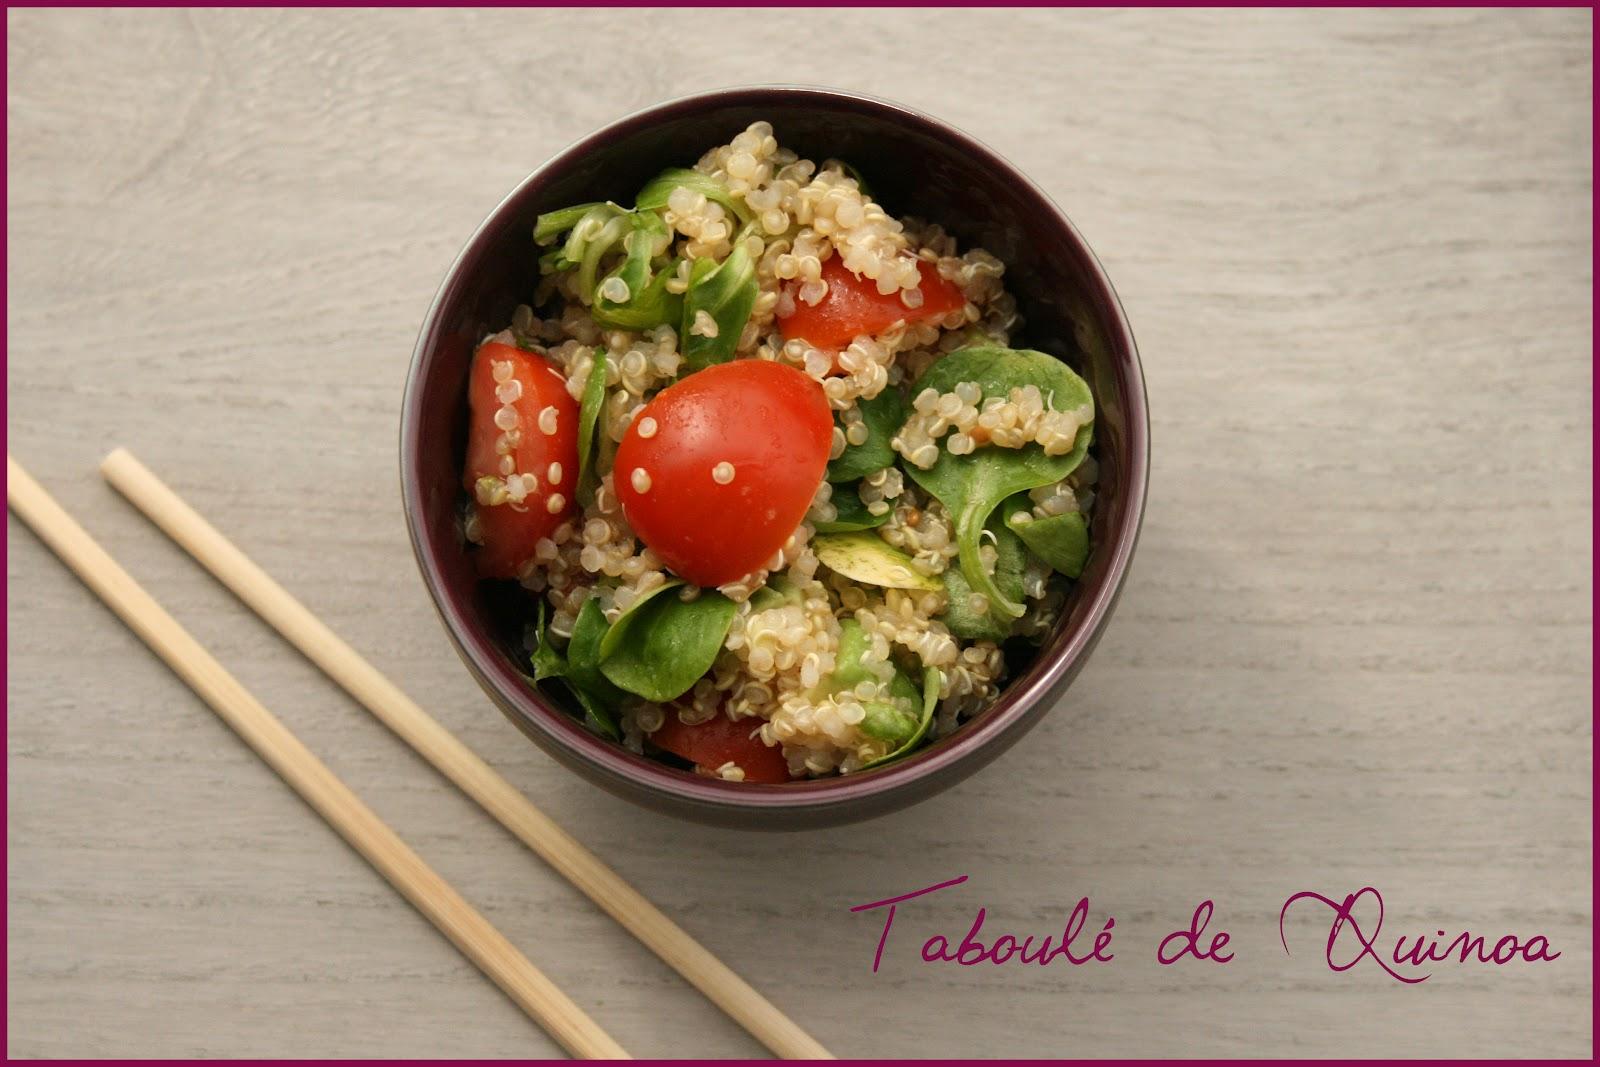 Taboul de quinoa ou comment cuisiner les c r ales part - Comment cuisiner les crevettes congelees ...